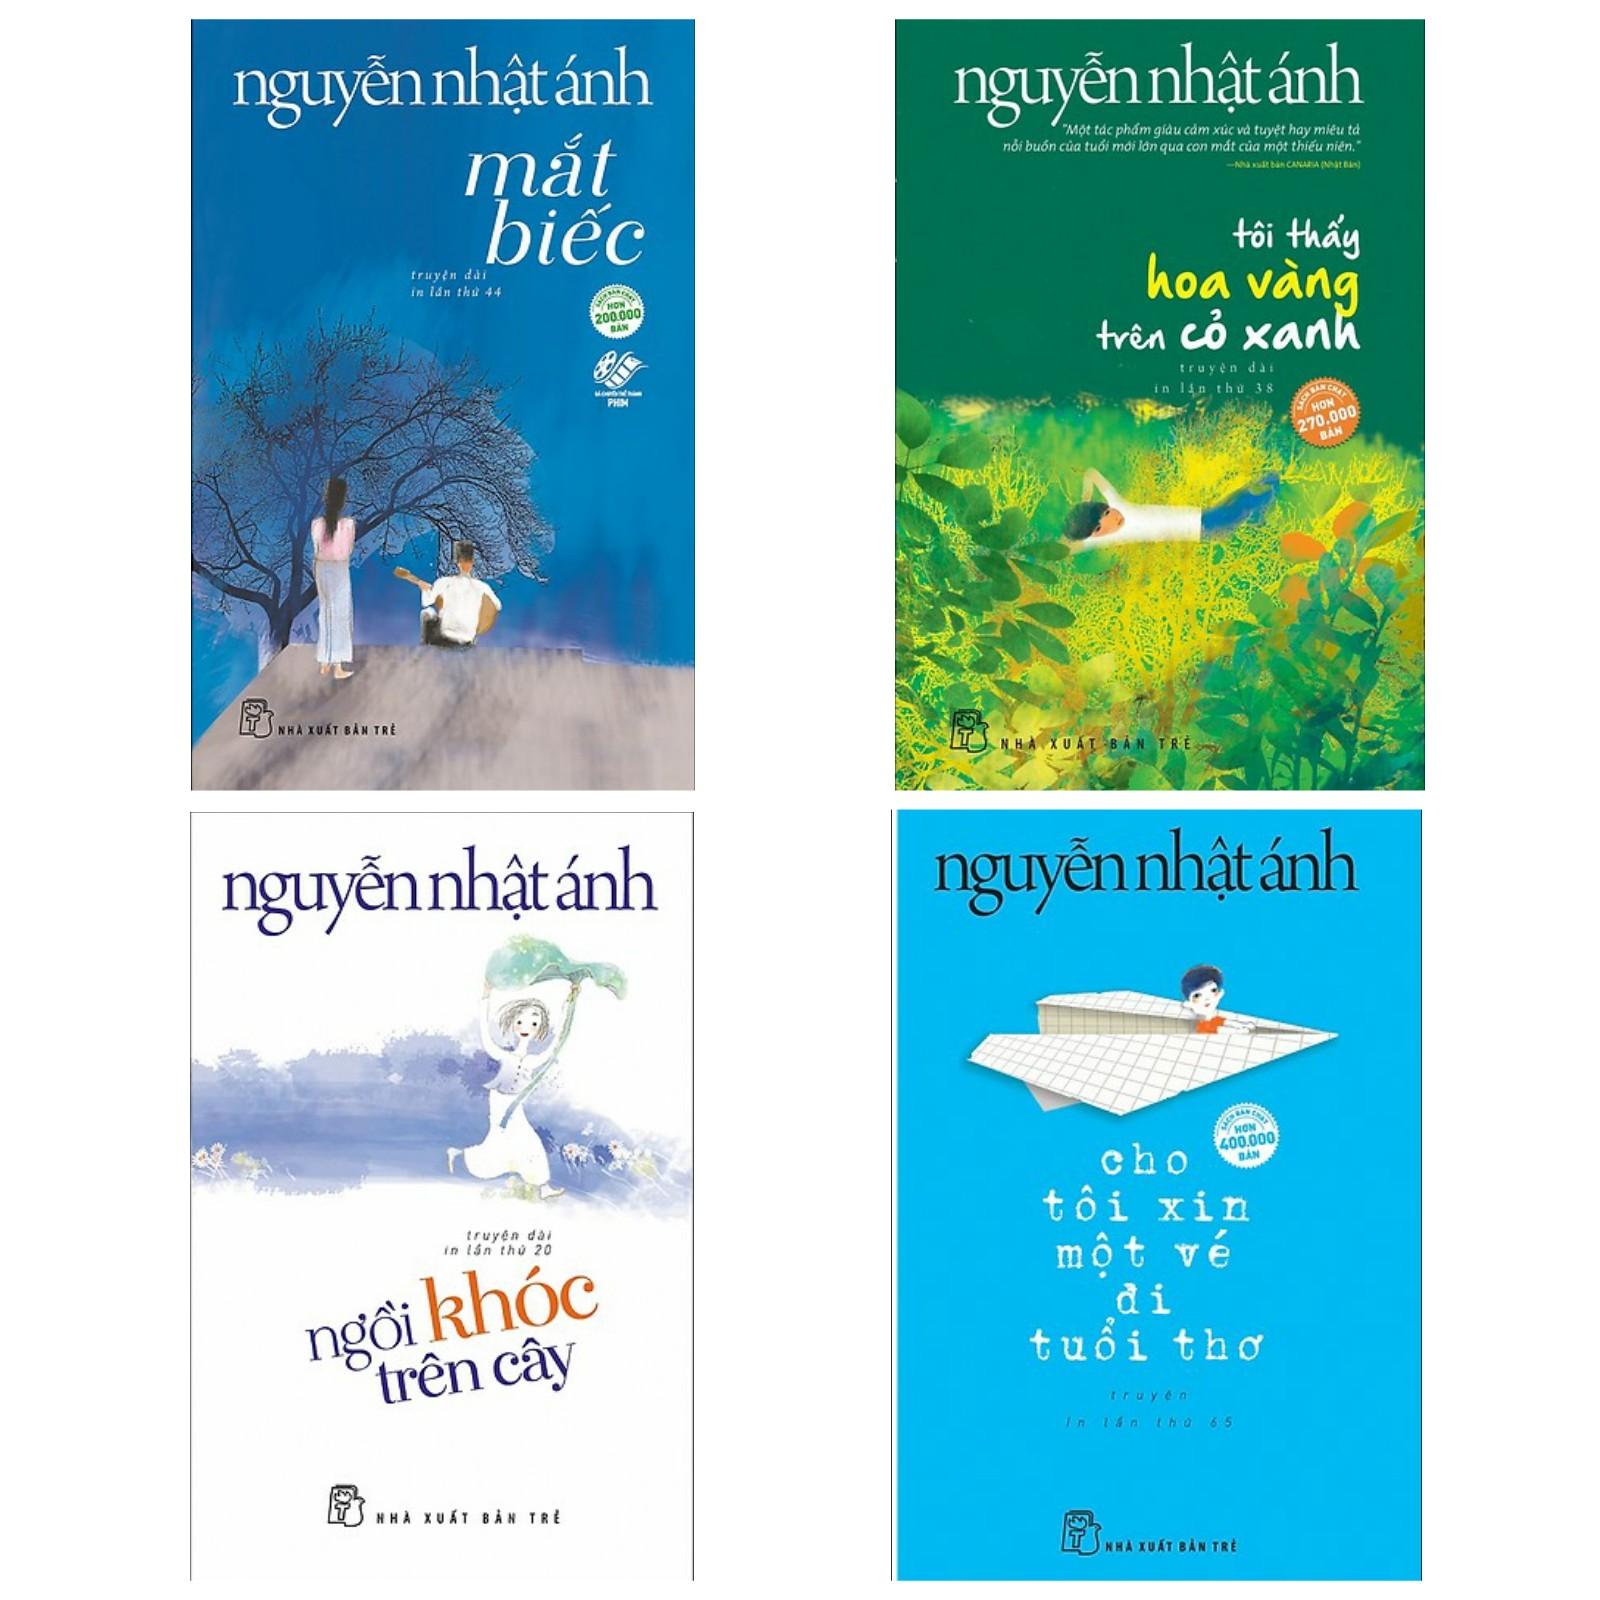 Combo 4 Cuốn Sách Hay Nhất Của Nguyễn Nhật Ánh: Mắt Biếc + Tôi Thấy Hoa Vàng Trên Cỏ Xanh + Cho Tôi Xin Một Vé Đi Tuổi Thơ + Ngồi Khóc Trên Cây (Tặng Kèm Bookmark Green Life Siêu Xinh)